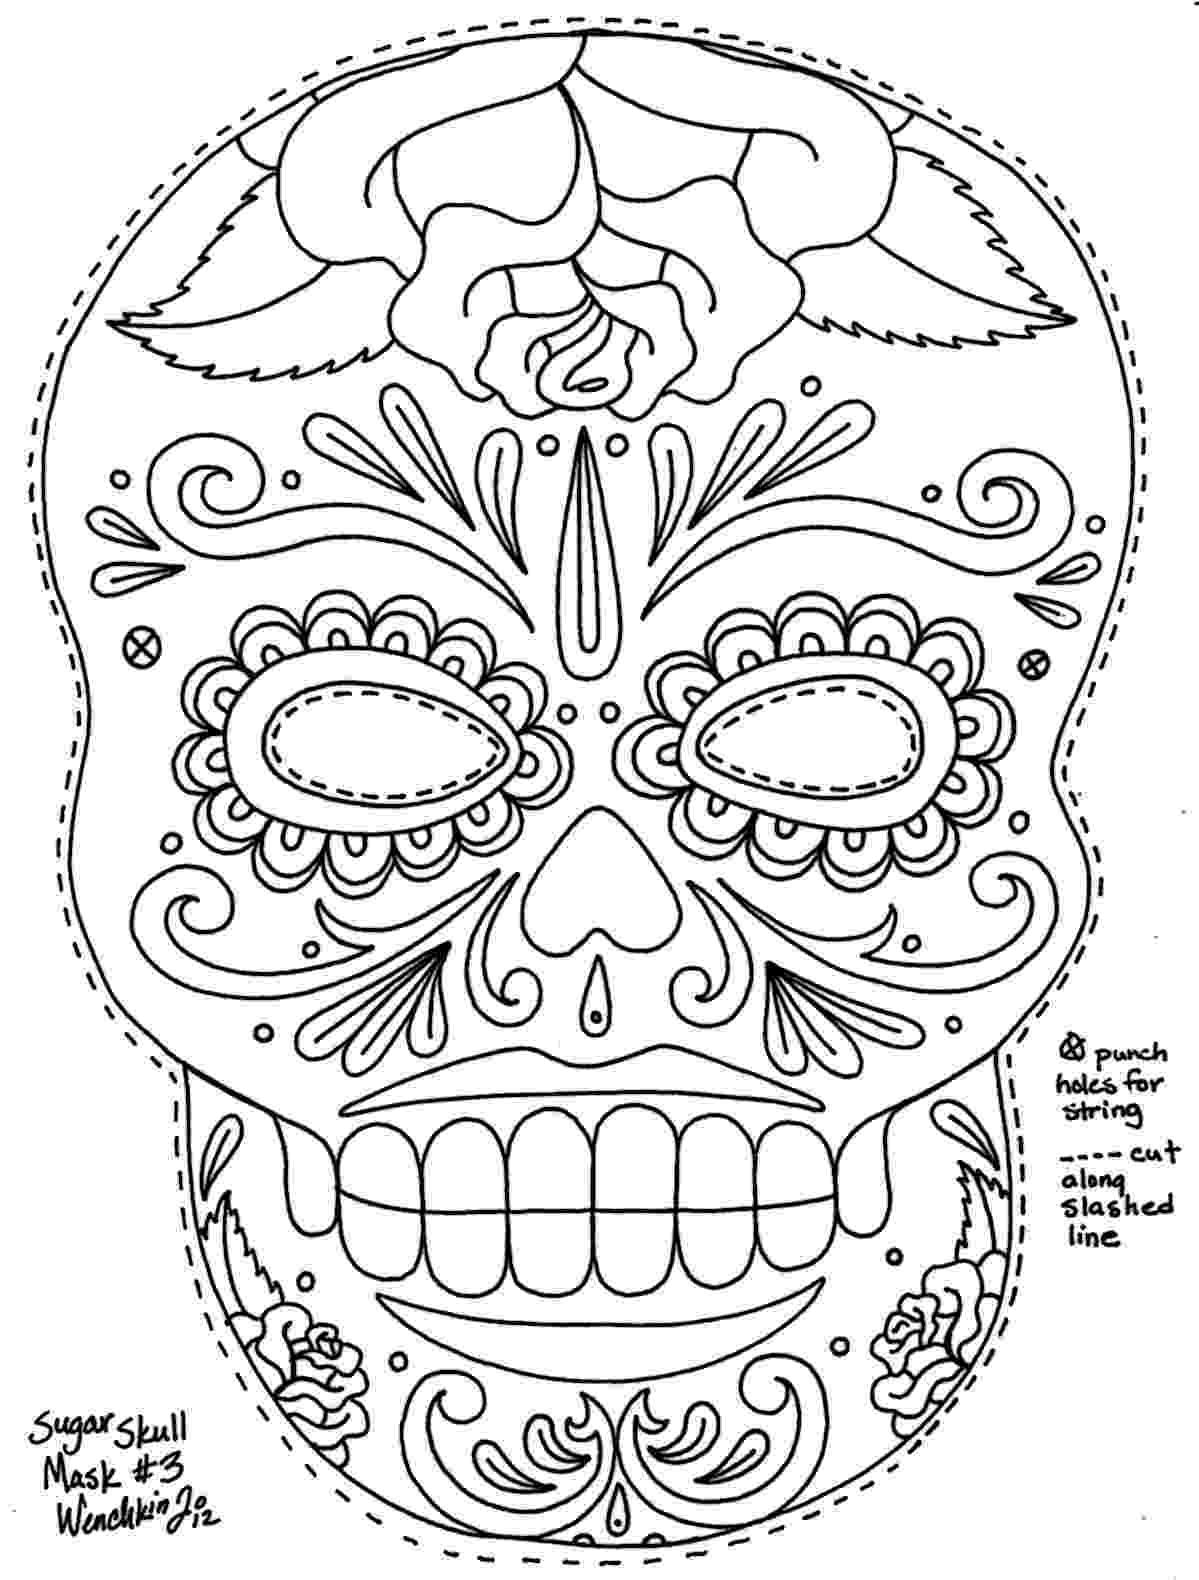 coloring masks yucca flats nm wenchkin39s coloring pages sugar skull masks coloring